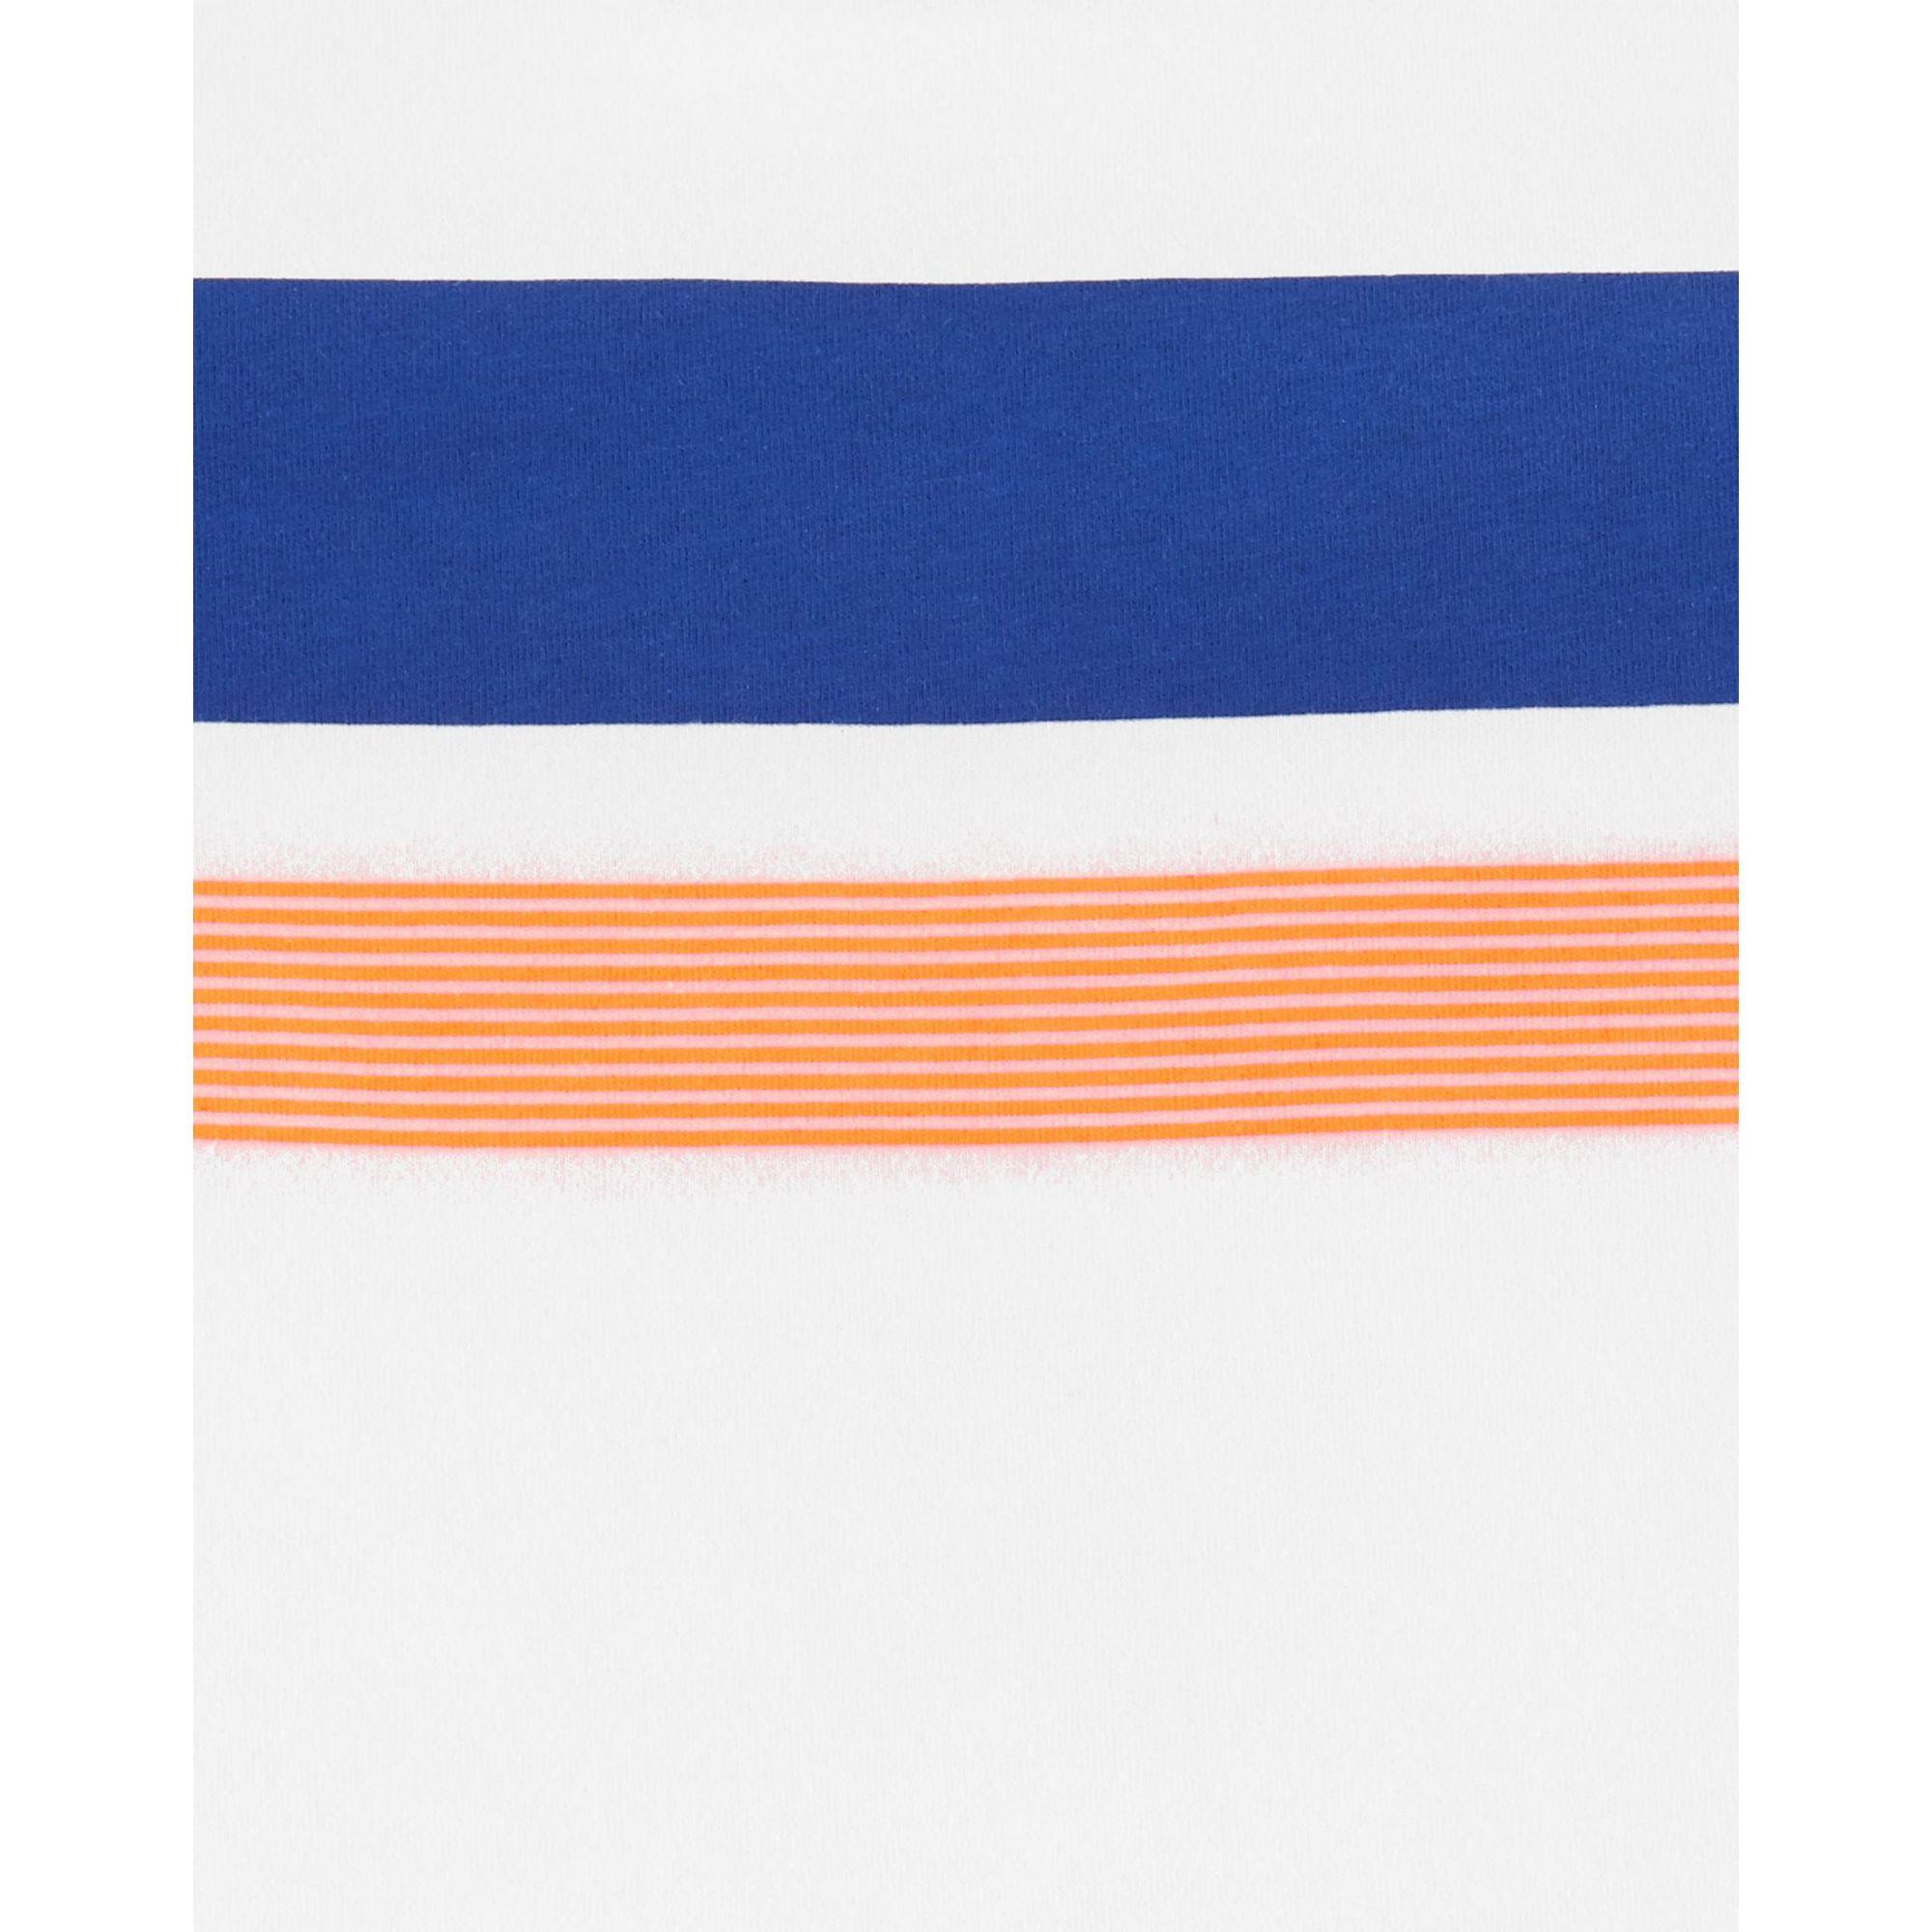 Camiseta regata off white - OshKosh  - Kaiuru Kids